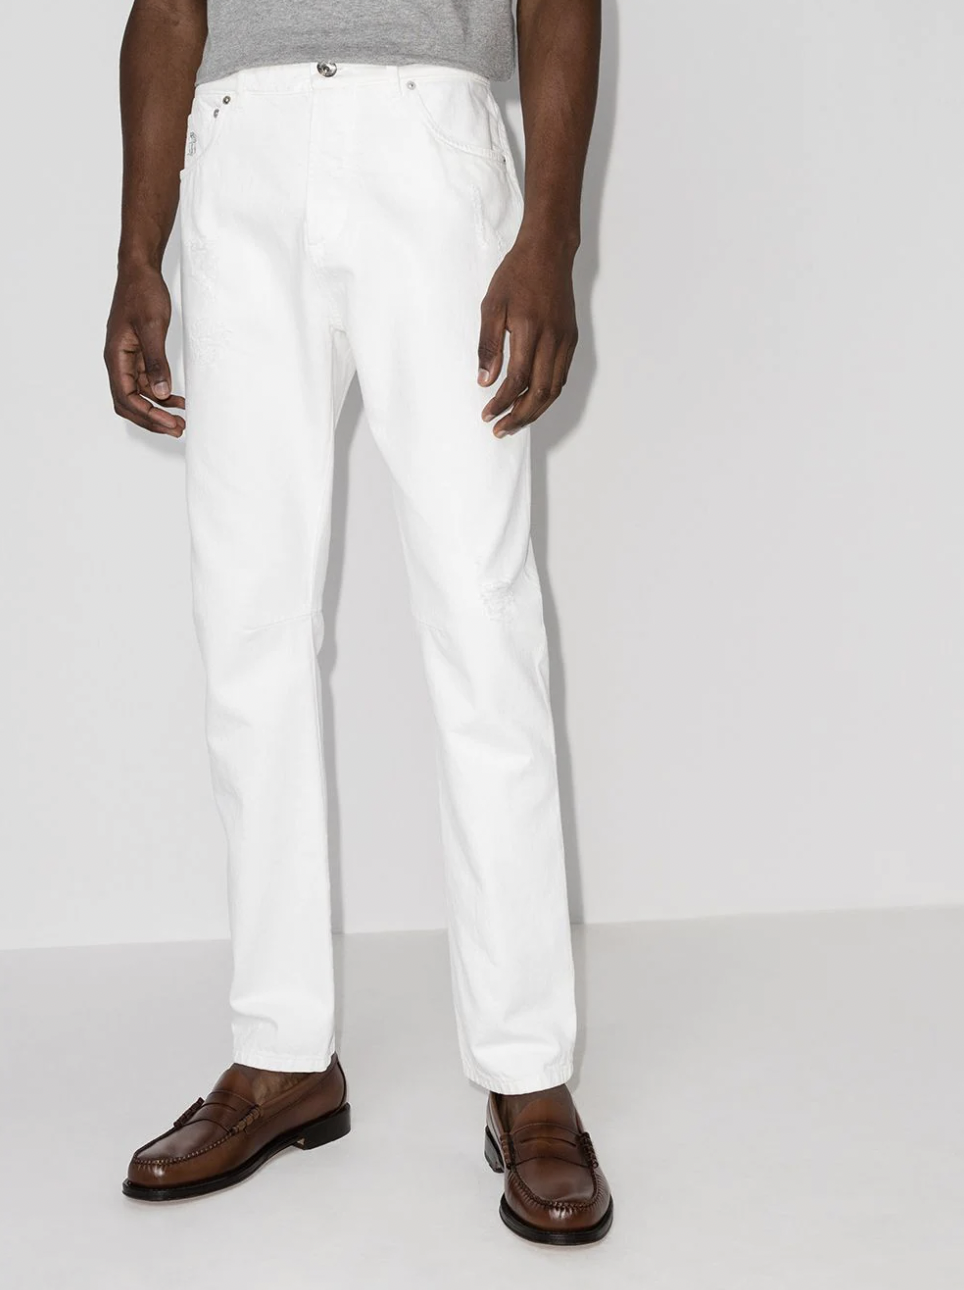 white jeans designer mens